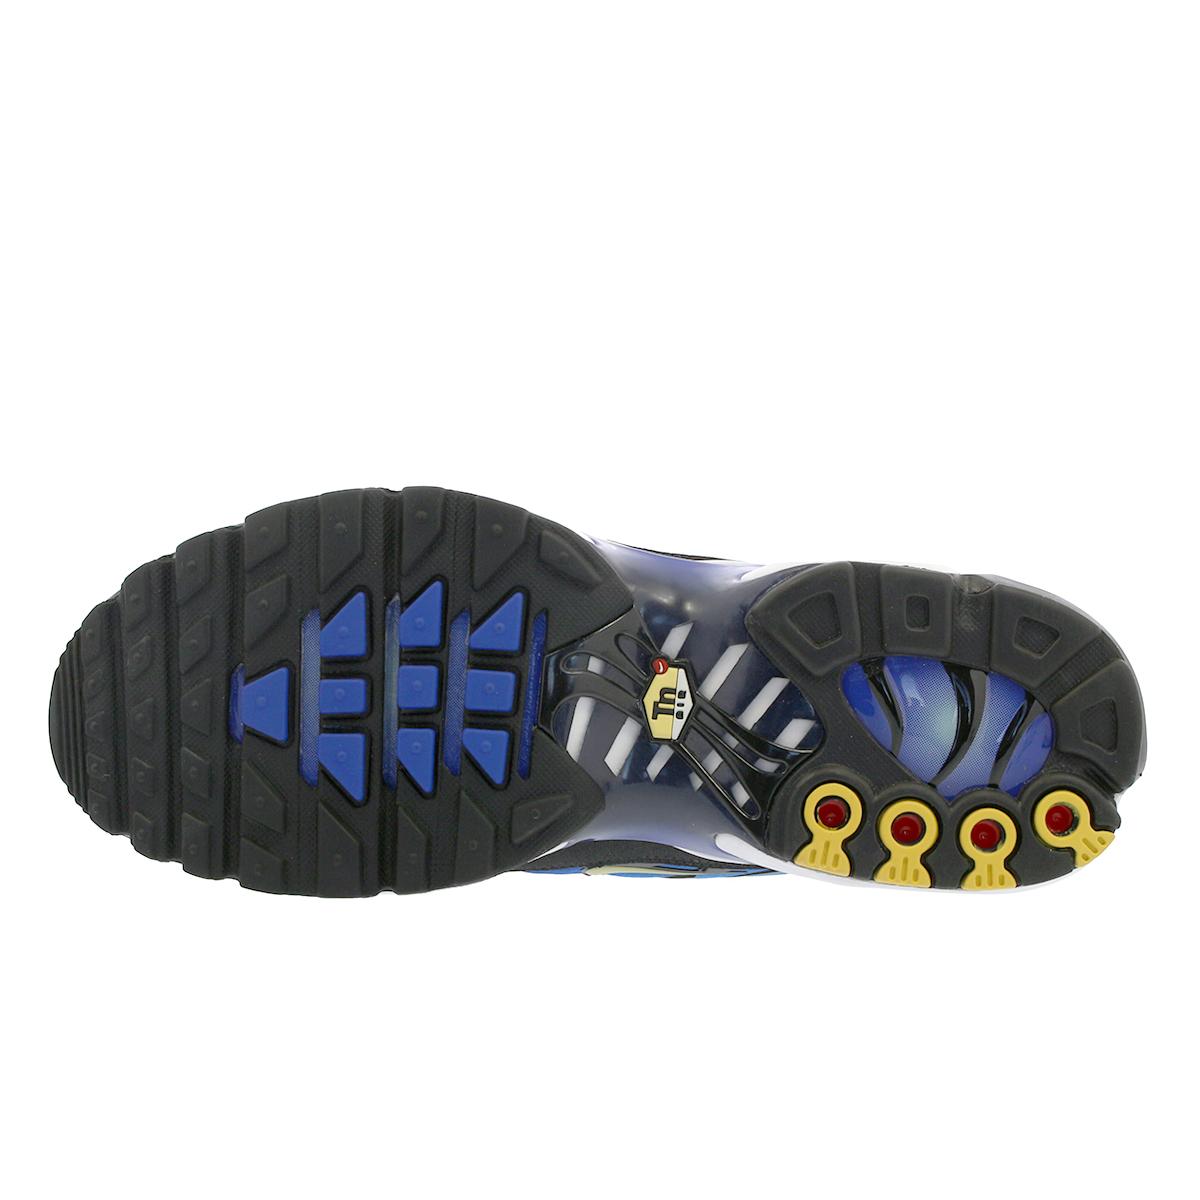 NIKE AIR MAX PLUS OG Kie Ney AMAX plus OG BLACKCHAMOISSKY BLUEHYPER BLUE bq4629 003